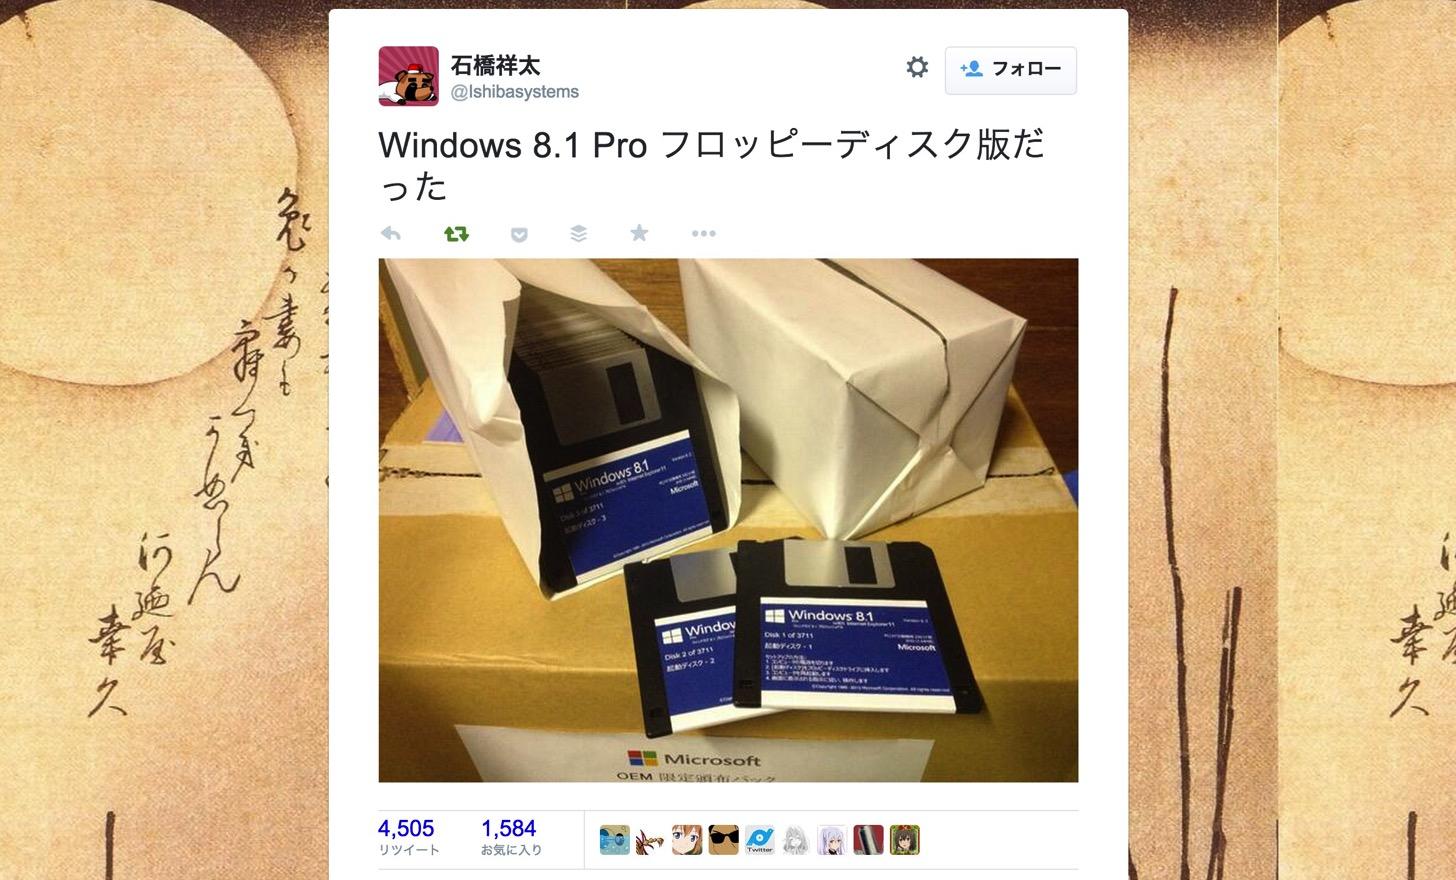 Windows 8.1にはフロッピーディスク版が存在するっ・・・! → ネタのようです。